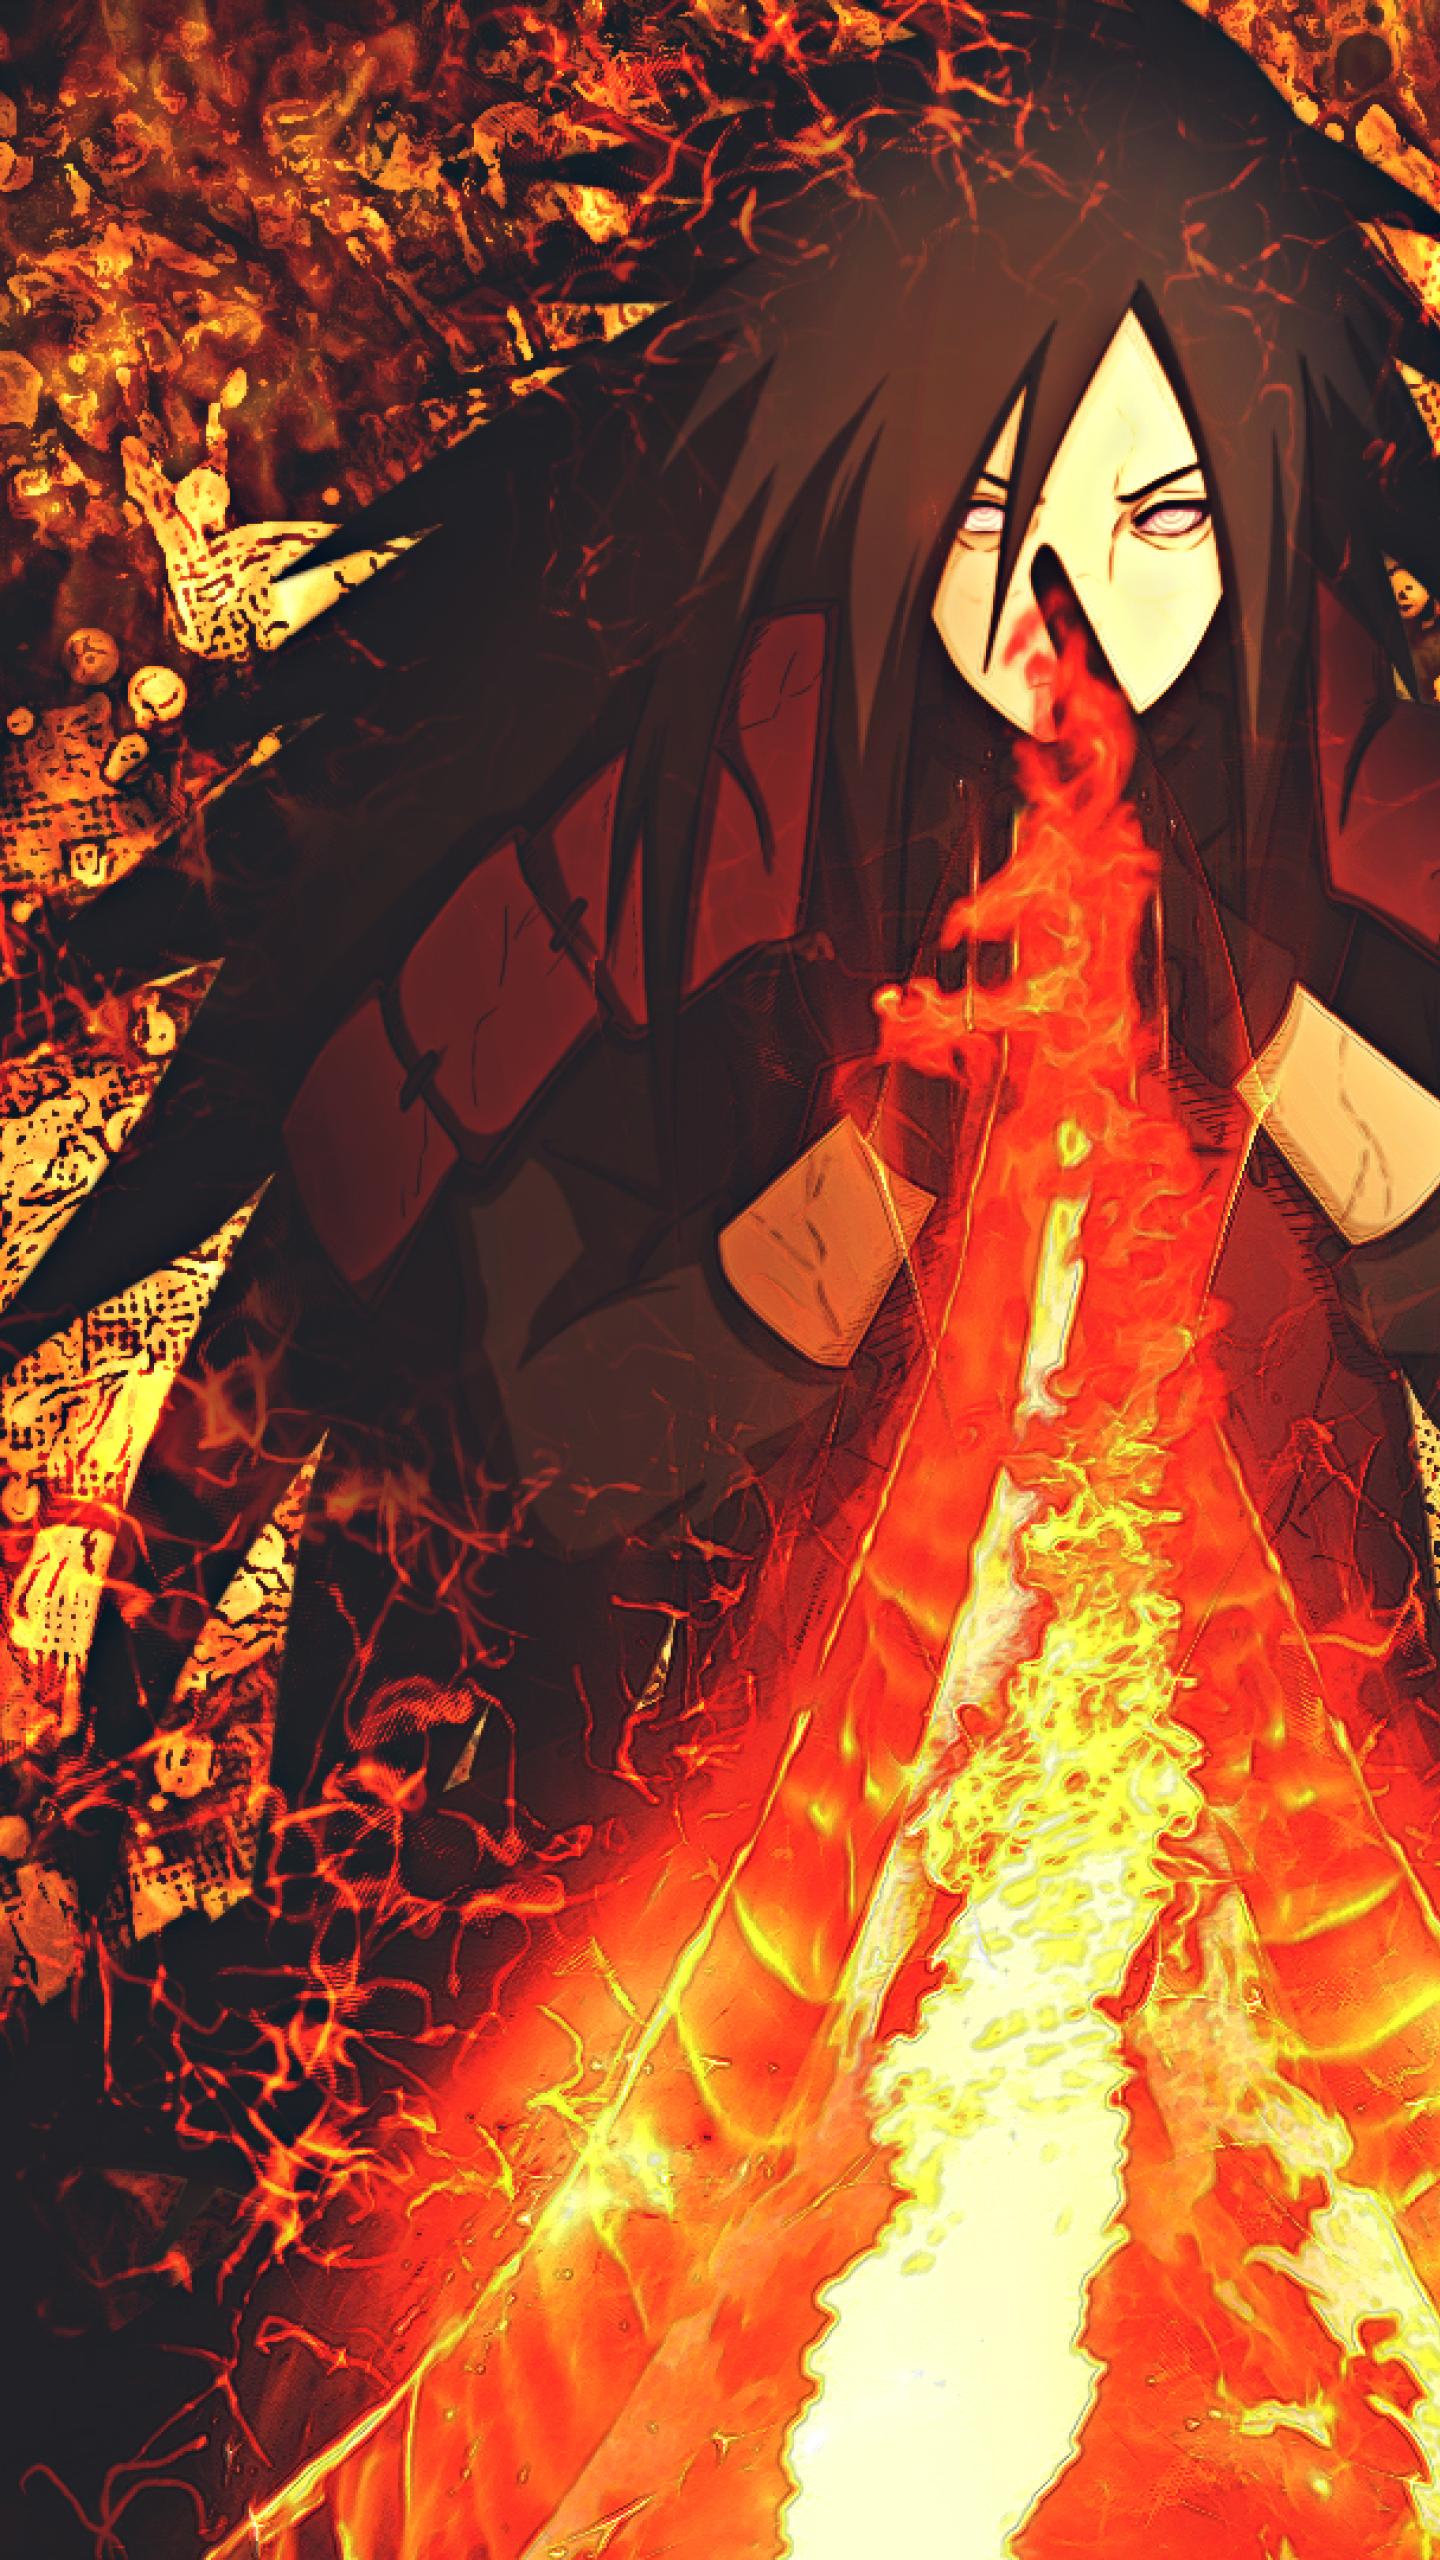 Best Wallpaper Naruto Galaxy S6 - madara-uchiha-naruto_60647_1440x2560  Graphic_619864.jpg